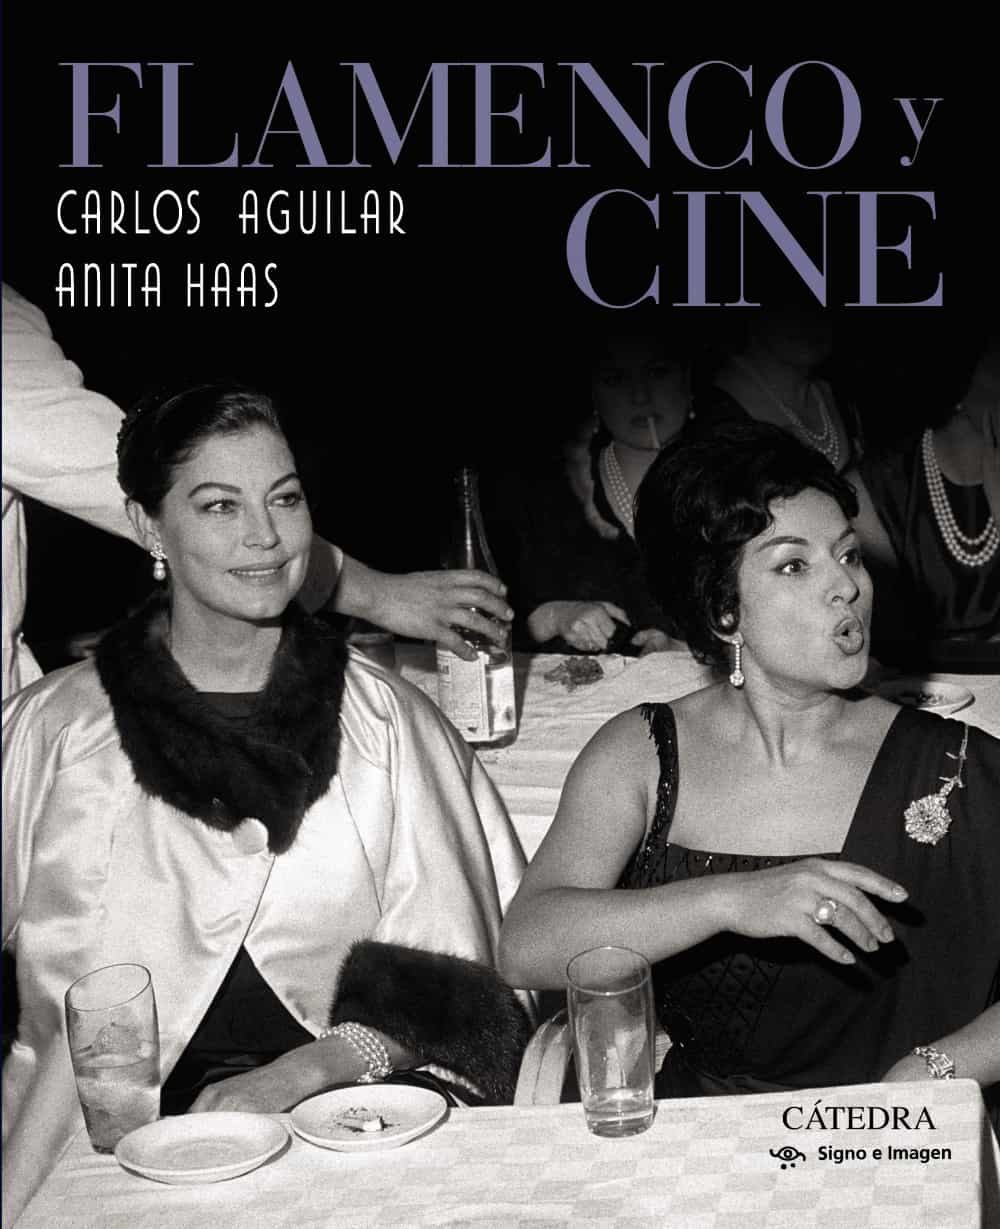 flamenco y cine-carlos aguilar-9788437640587